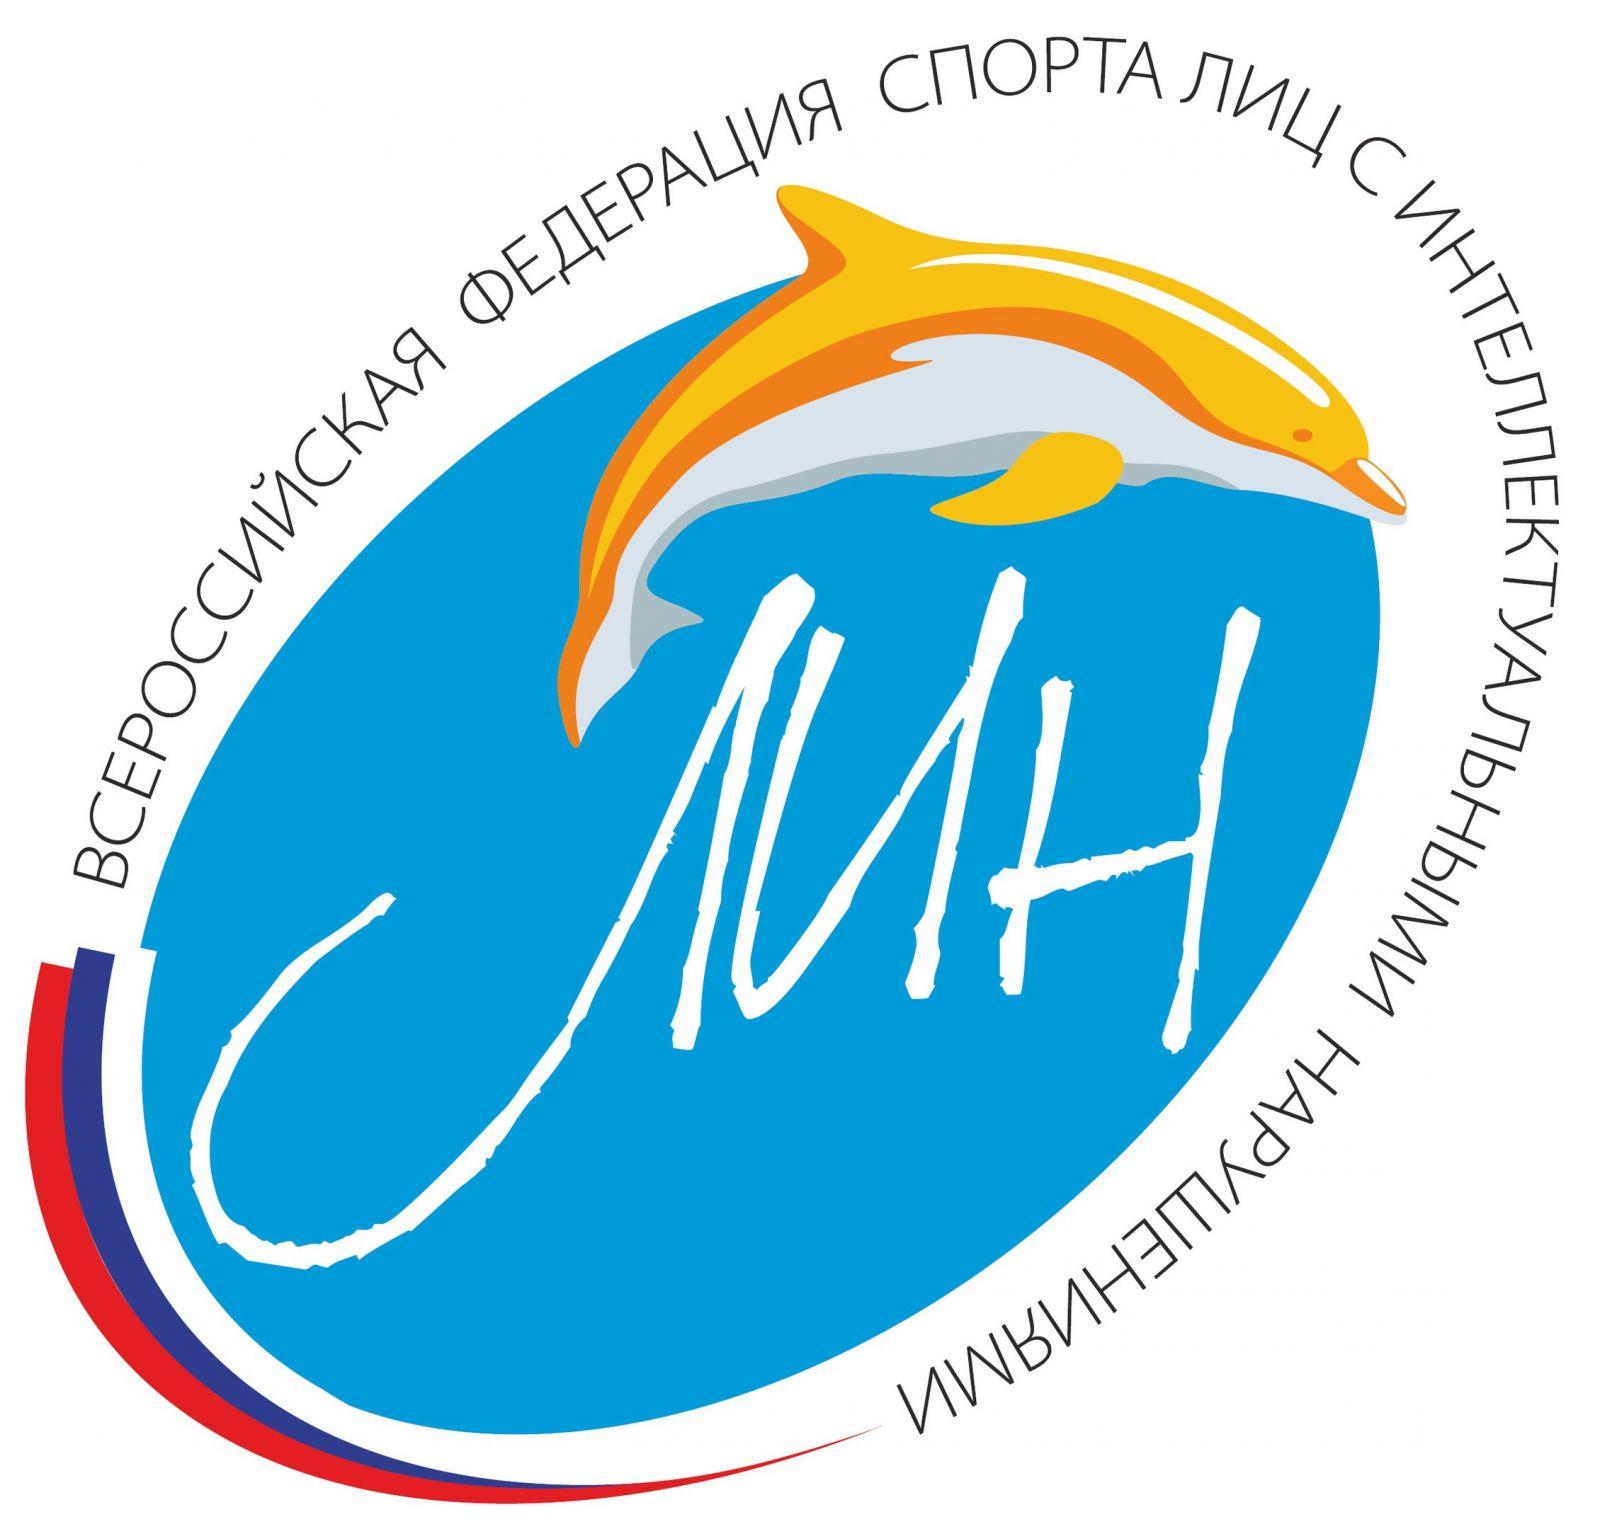 В Костроме завершились чемпионаты России по велоспорту шоссе, спортивной гимнастике и конному спорту лиц с интеллектуальными нарушениями